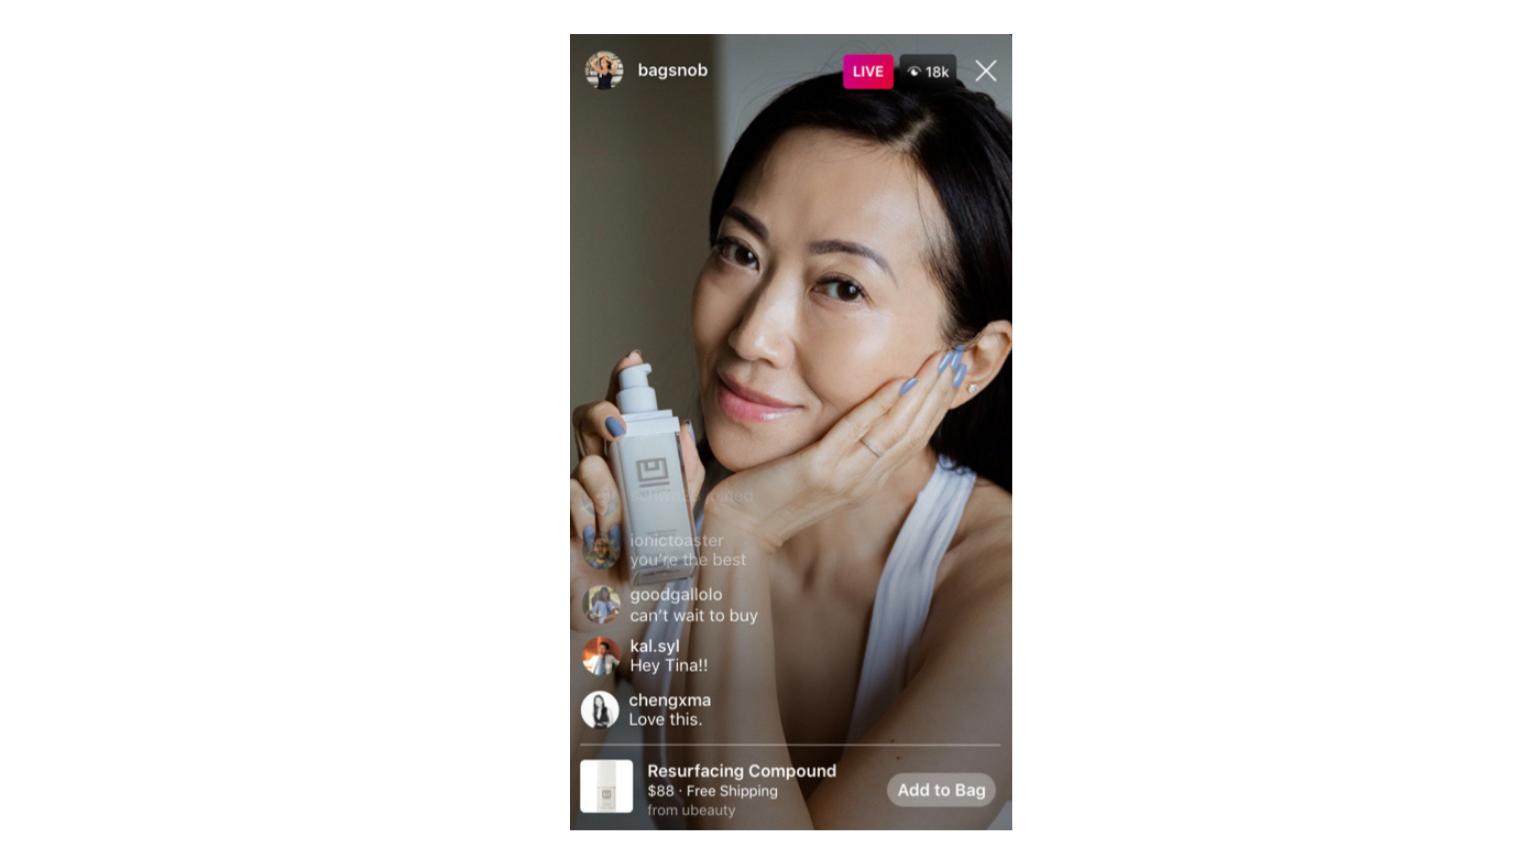 social-media-trends-instagram-live-shopping